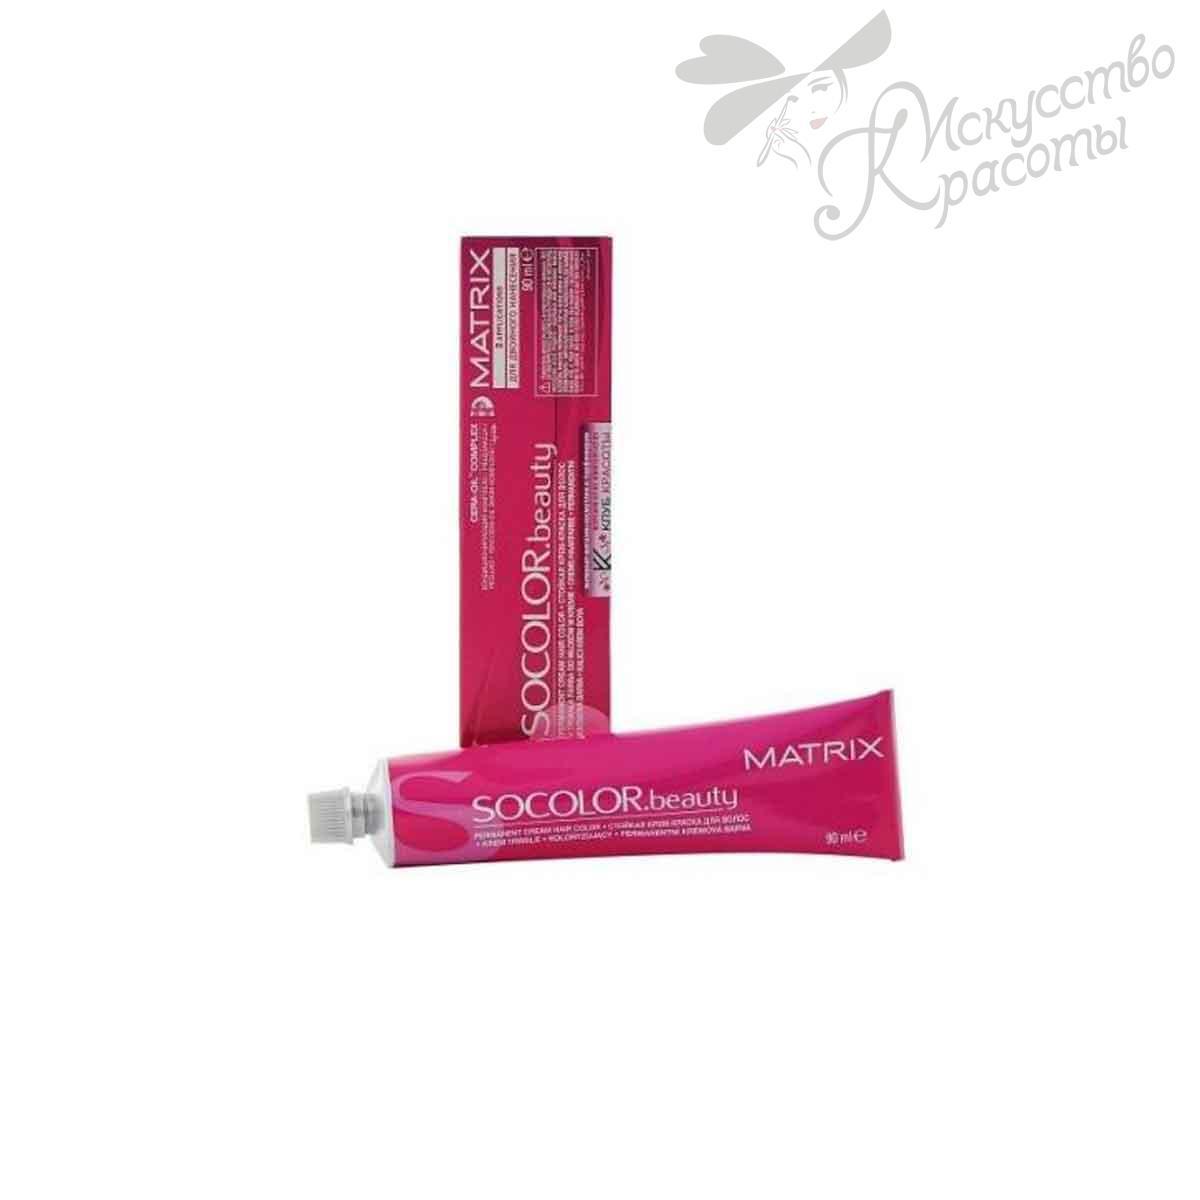 Краска для волос Matrix Socolor beauty 10Sp